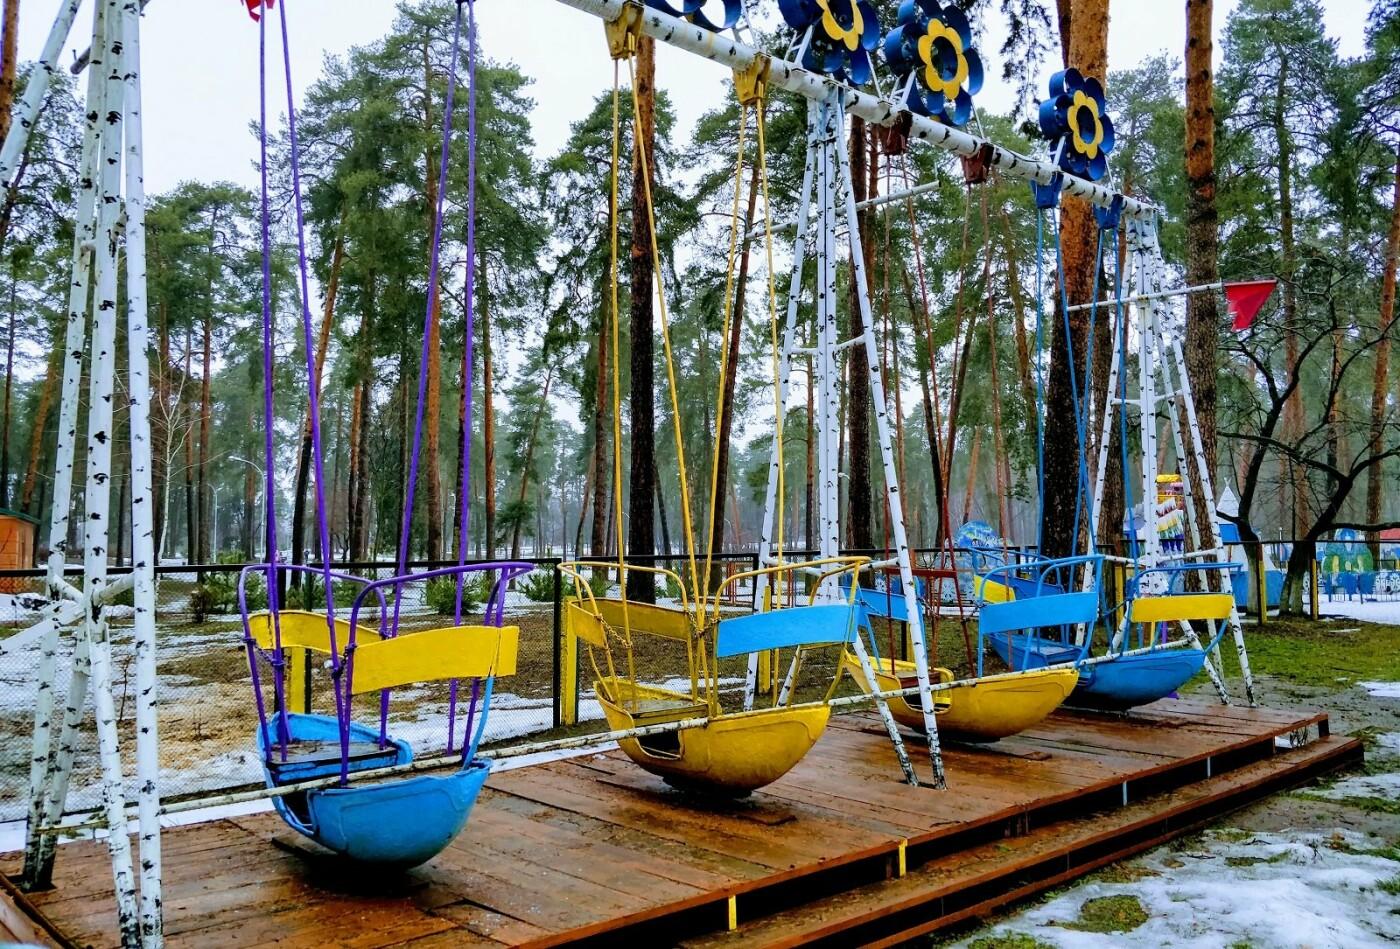 Парк партизанской славы в Киеве: где он находится и чем интересен, - ФОТО, Фото: Oleksandr I